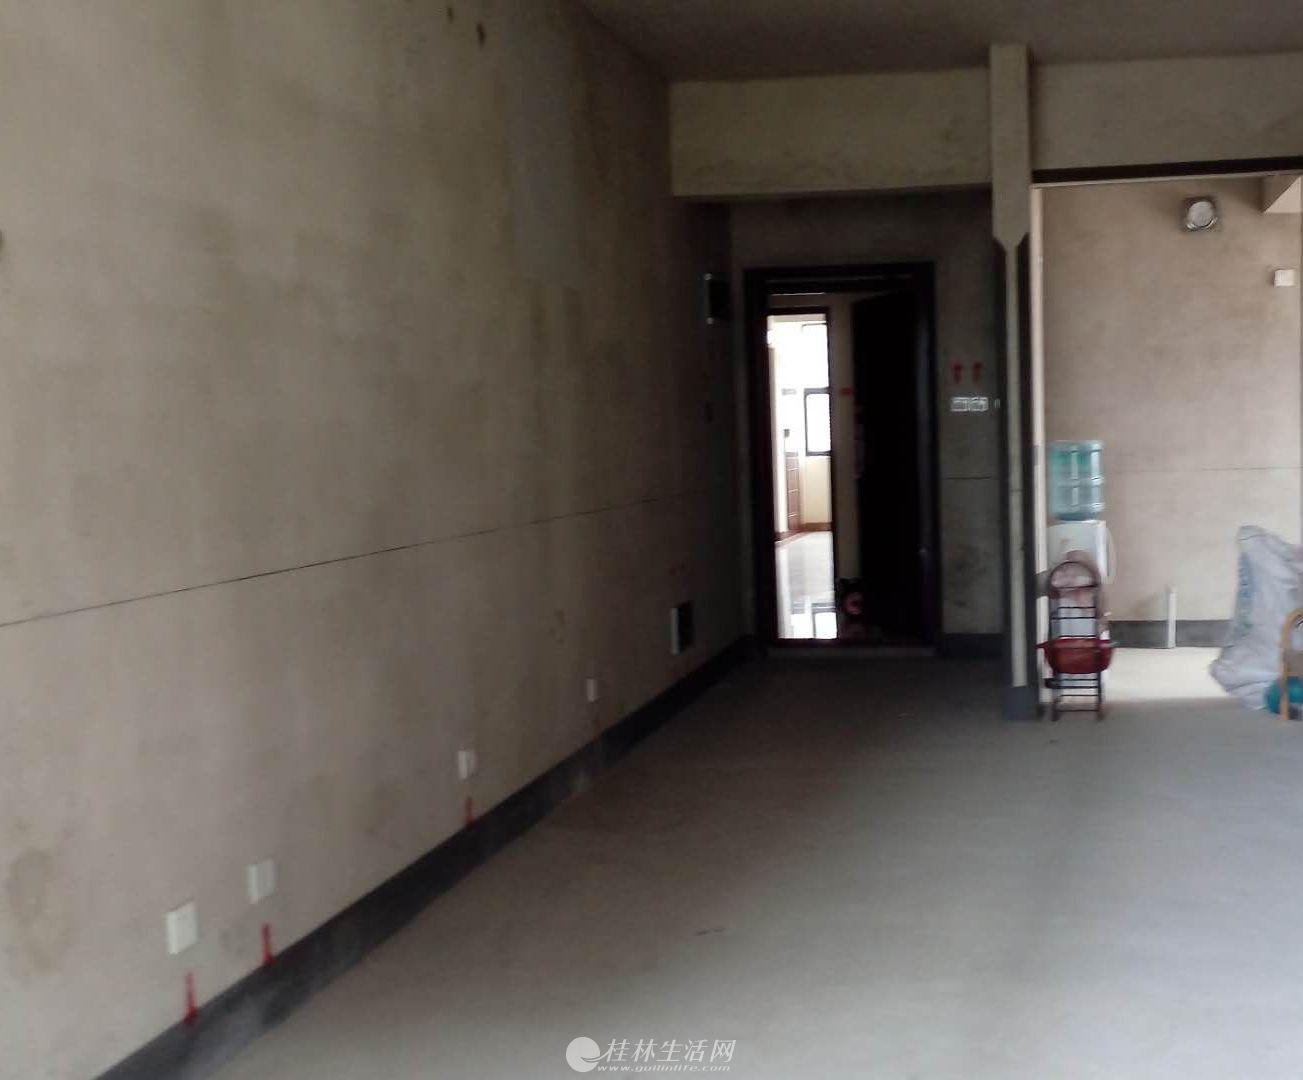 玉柴博望园 清水电梯2房81.75平 48万